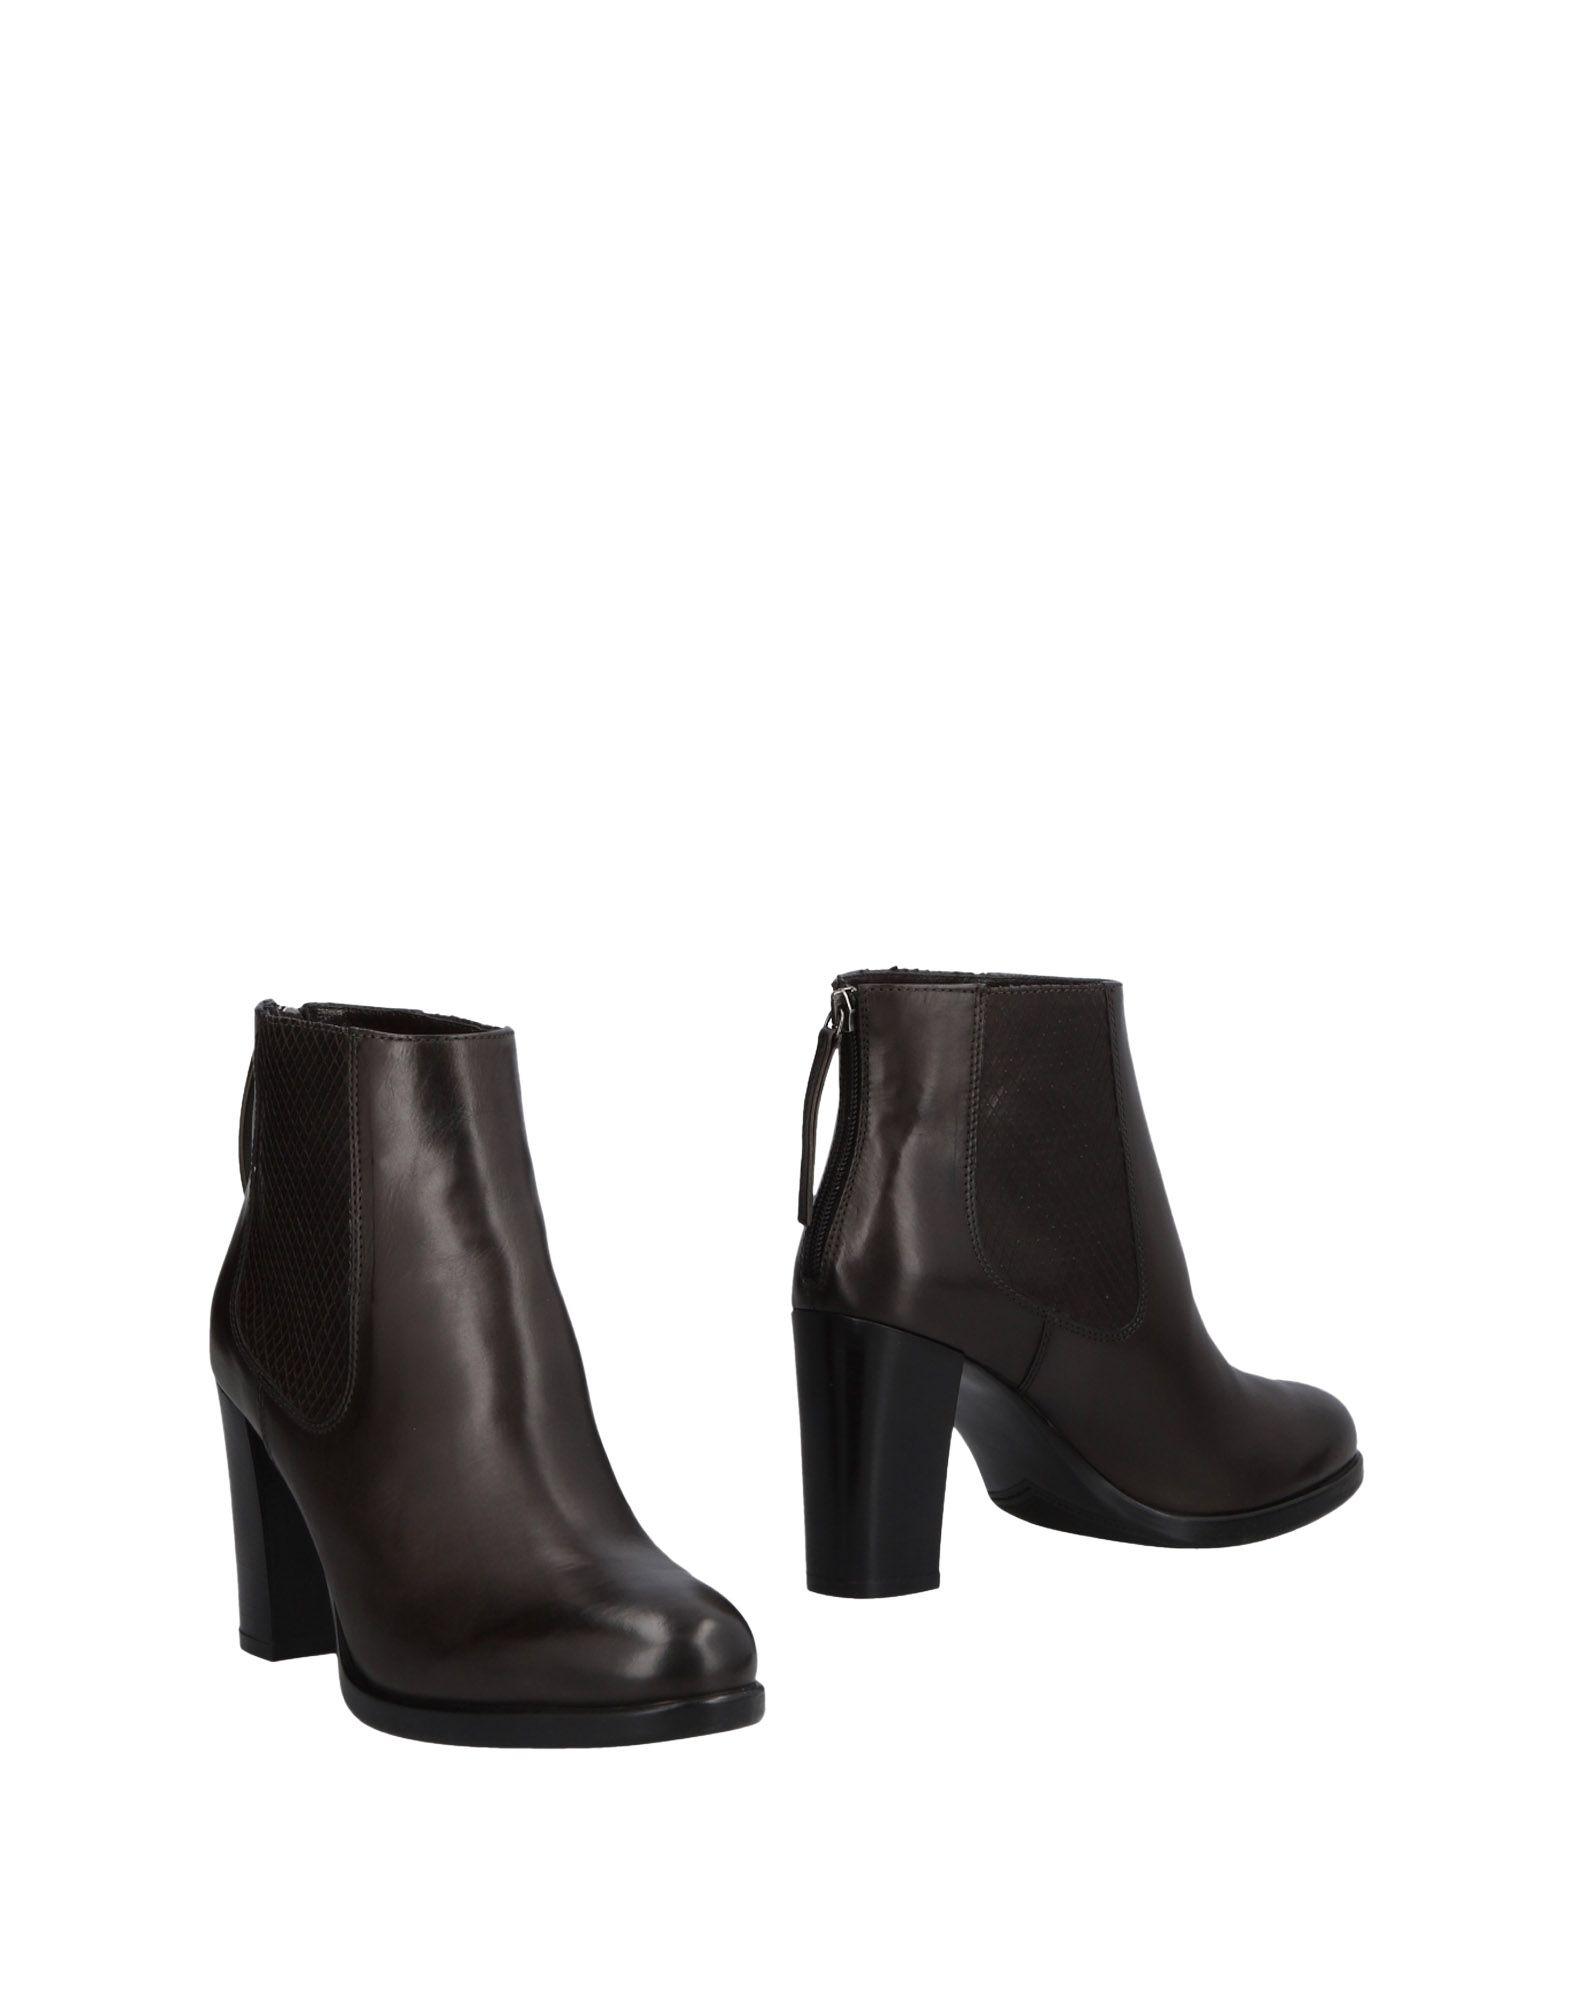 Triver Flight Stiefelette Qualität Damen  11481476XQ Gute Qualität Stiefelette beliebte Schuhe cc2a5e